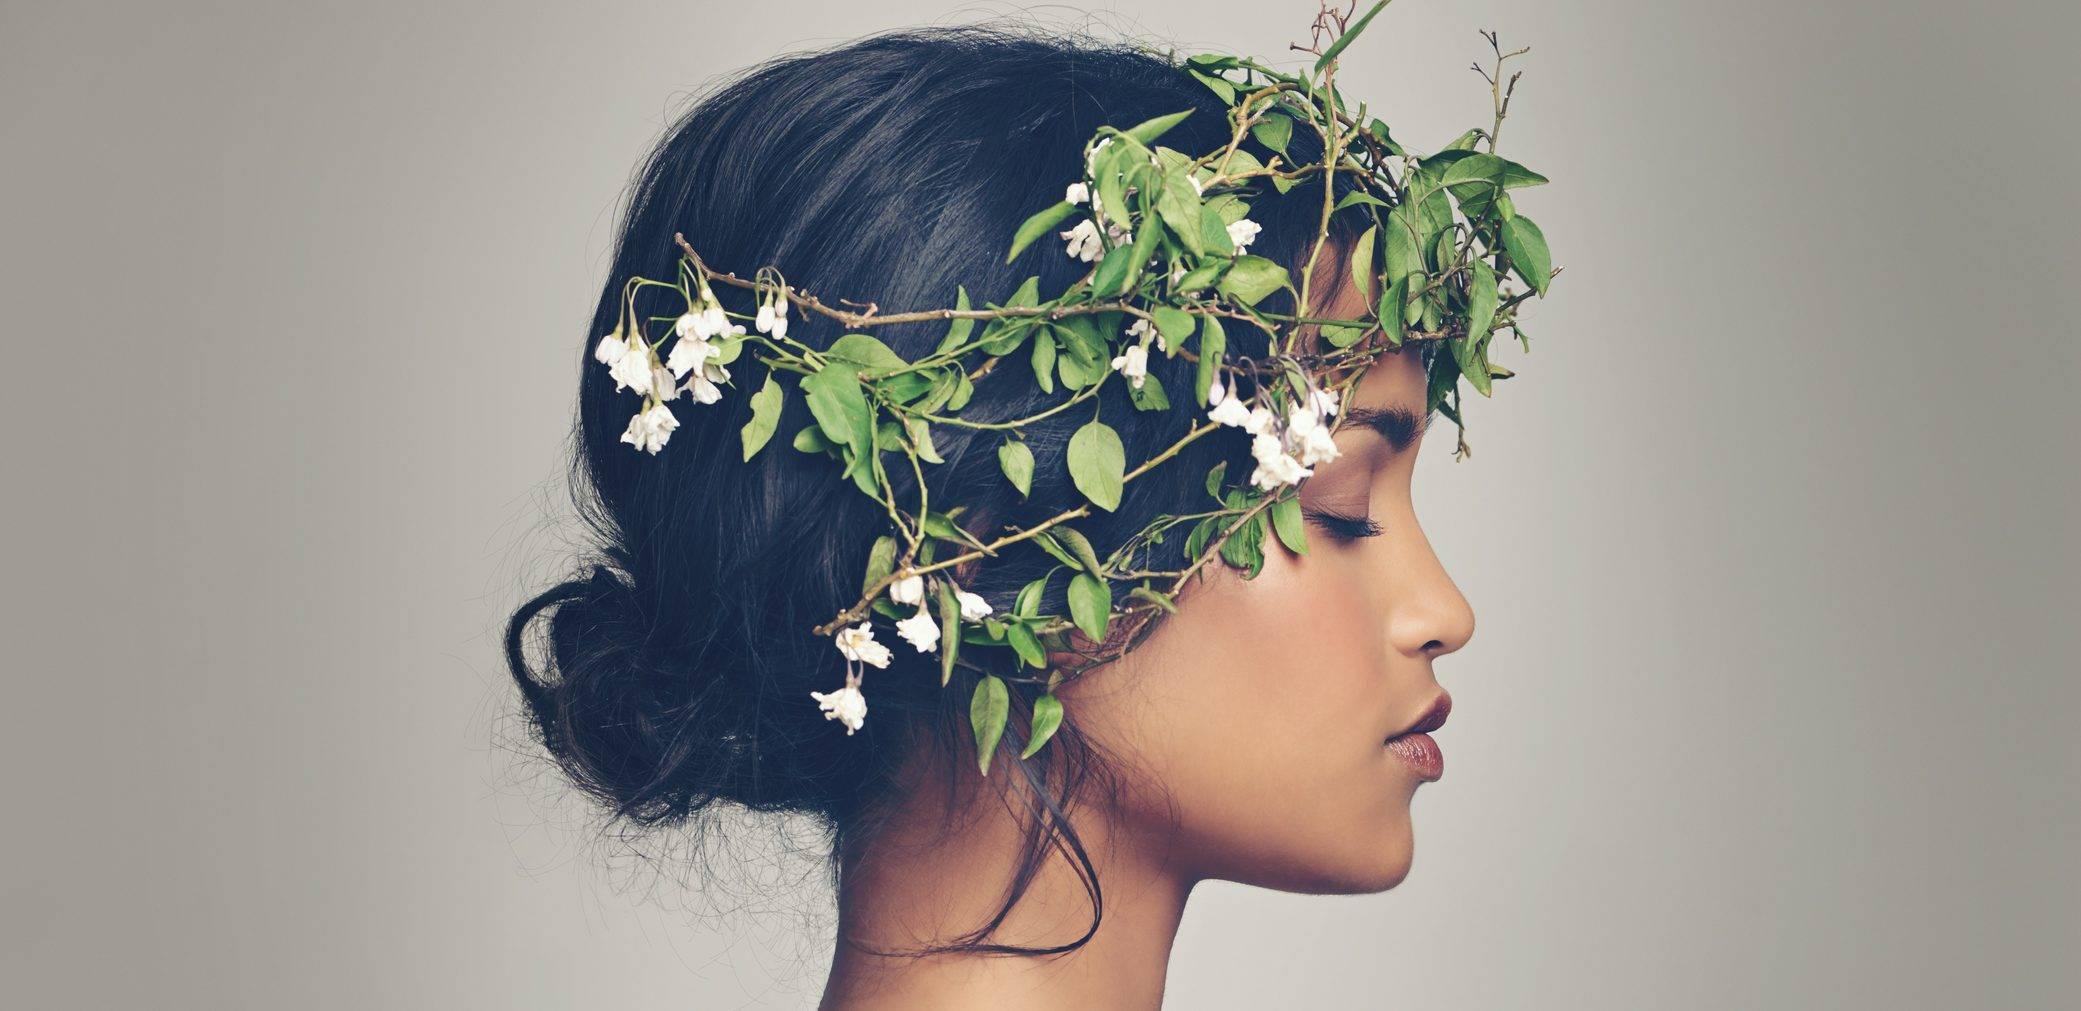 www.juicysantos.com.br - onde comprar cosméticos veganos em santos e naturais e orgânicos